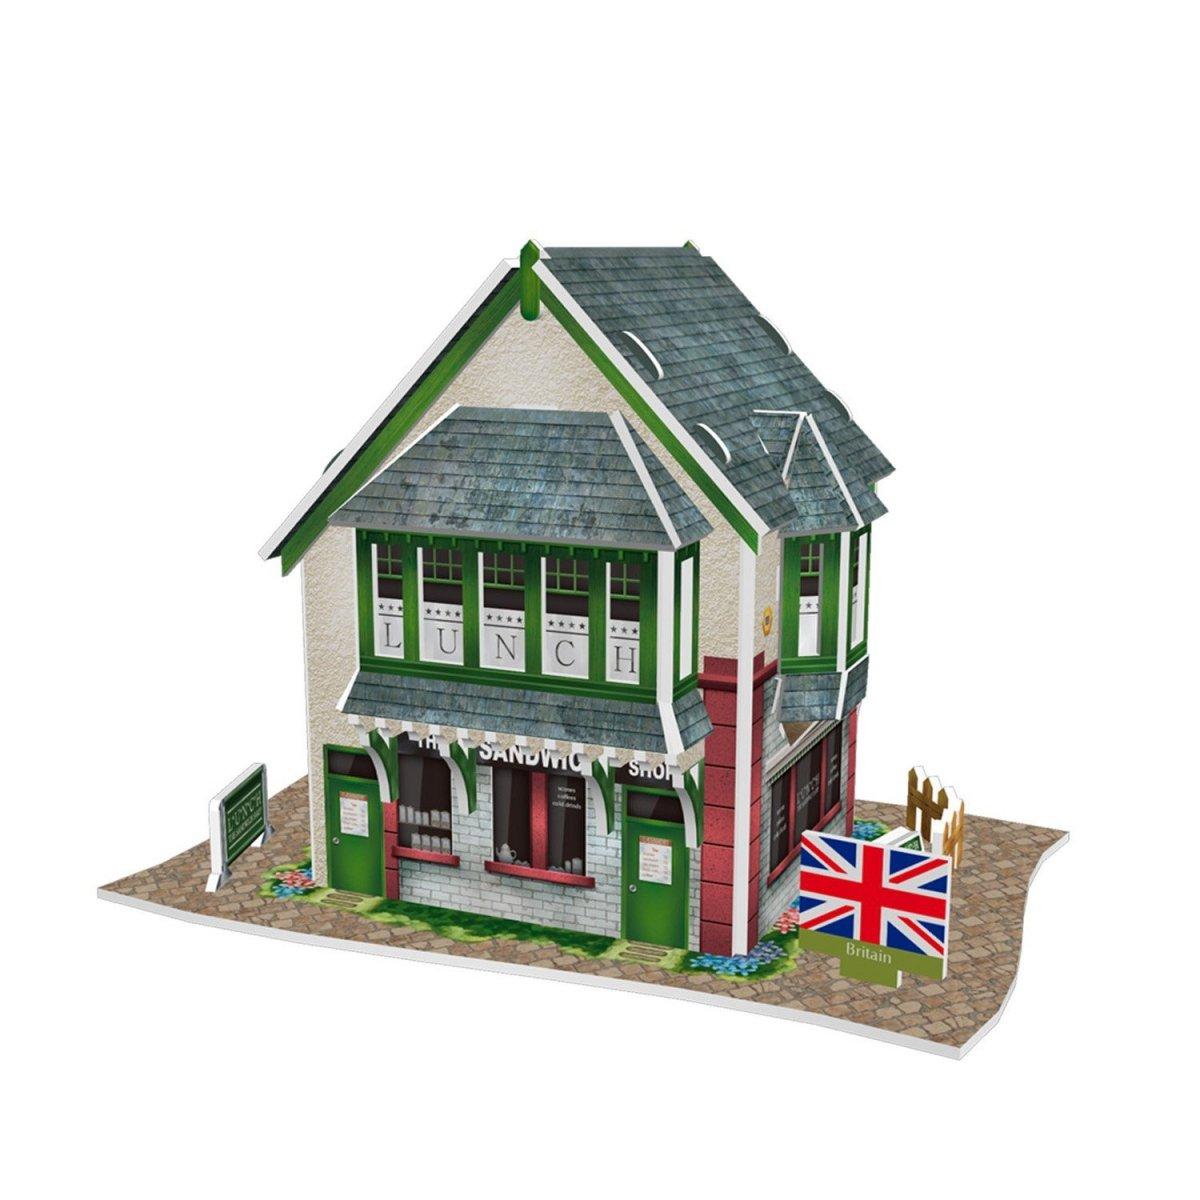 Puzzle 3D Domki świata Wielka Brytania Sandwich Shop